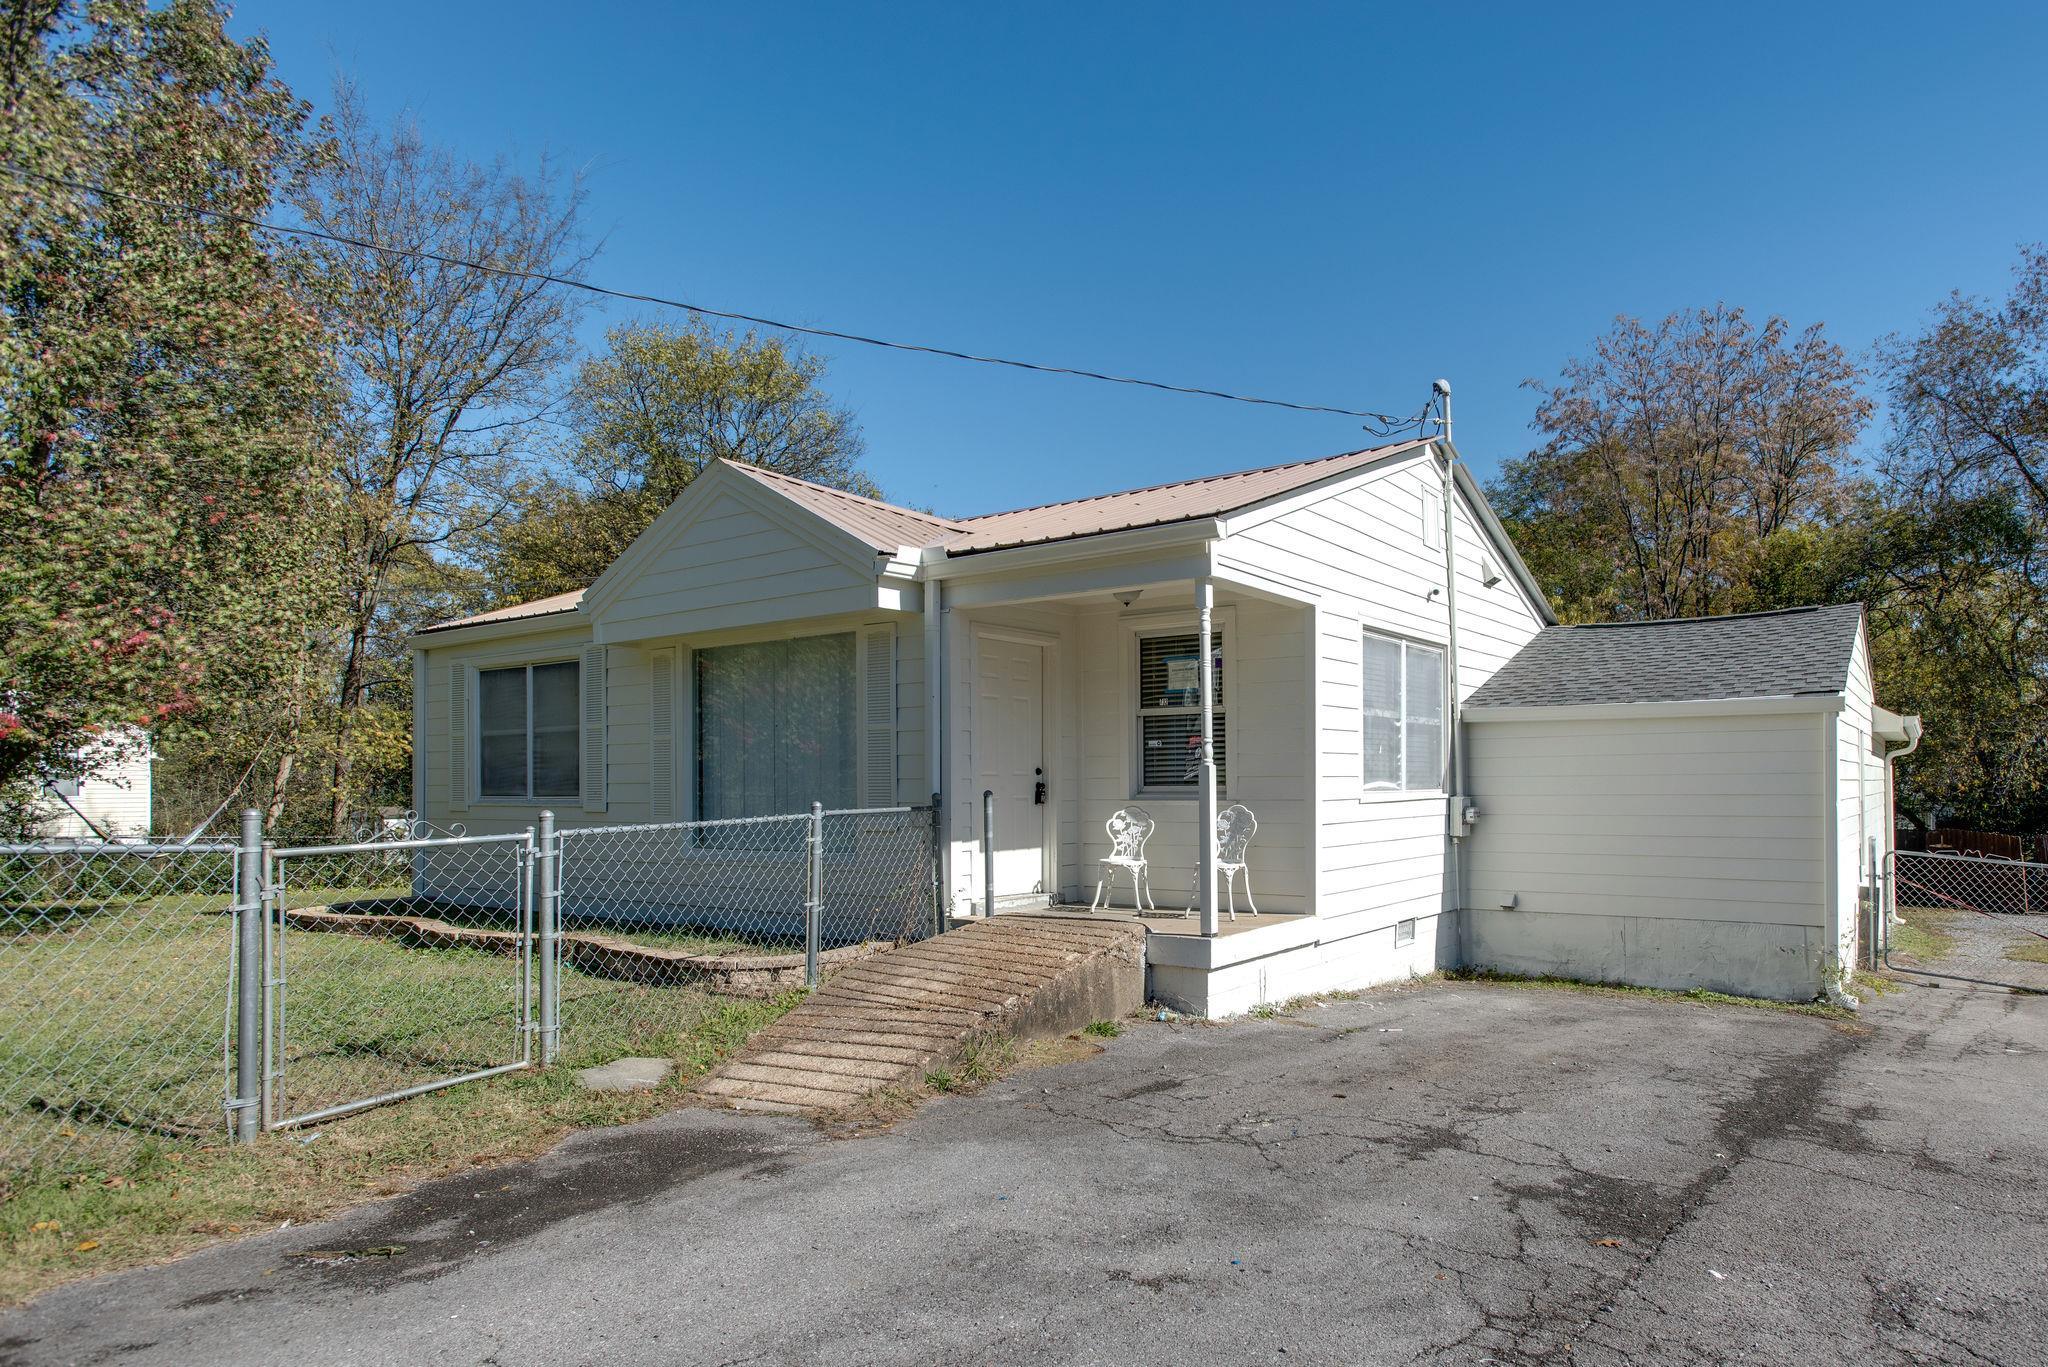 732 Wildview Dr, Nashville, TN 37211 - Nashville, TN real estate listing